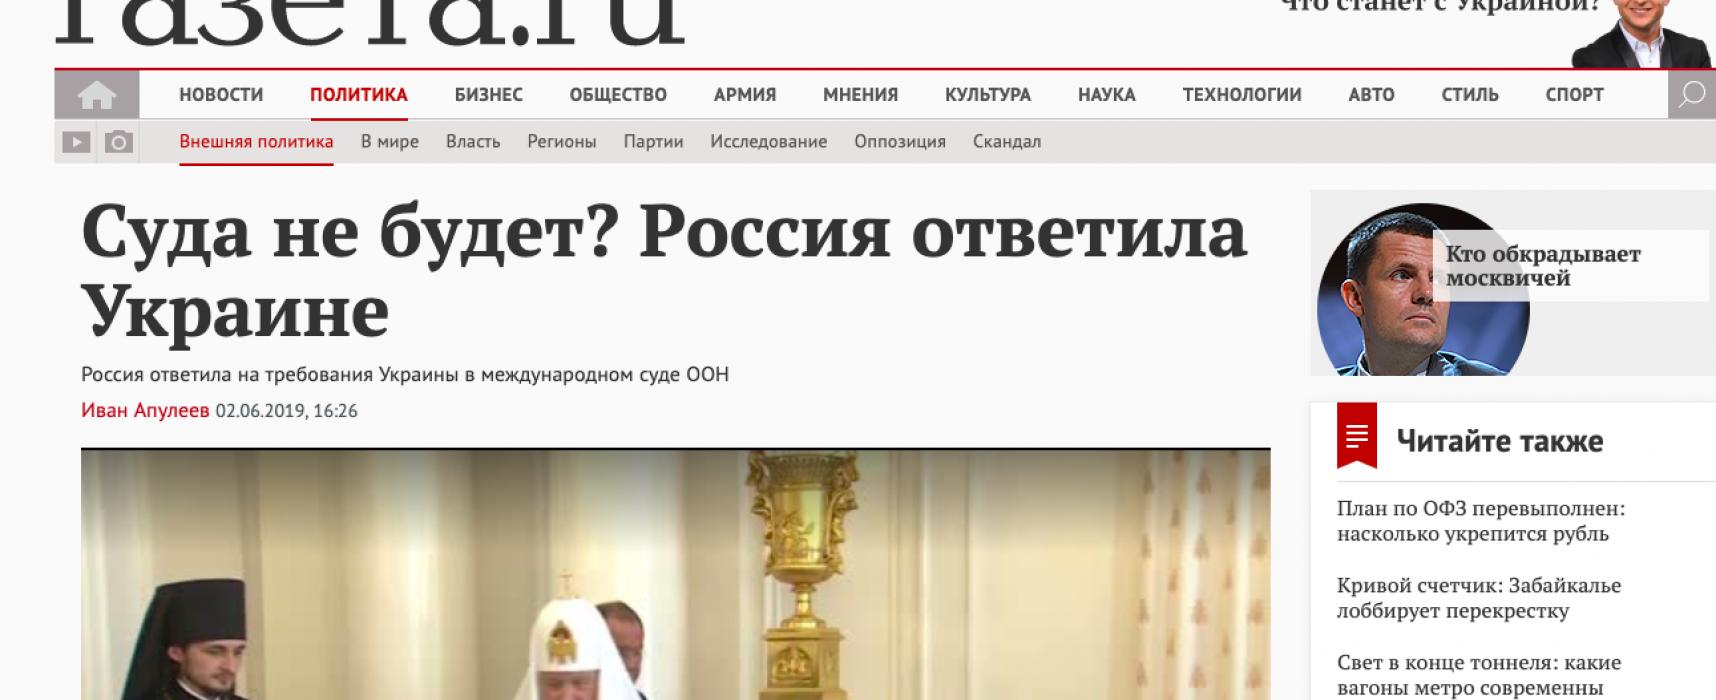 Manipulation: La guerre dans le Donbass et l'annexion de la Crimée ne sont pas couverts par la juridiction de la Cour Internationale de Justice (CIJ)